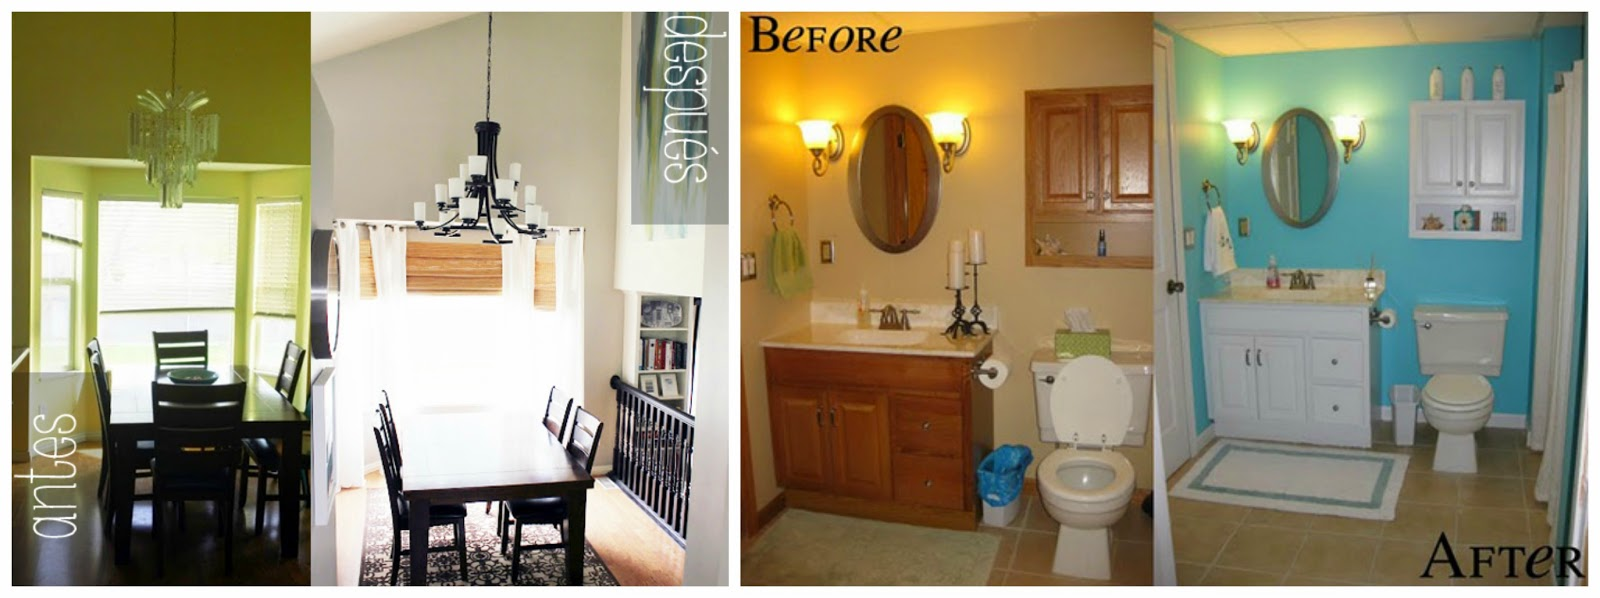 2 ideas para renovar tu casa thecoolfashiion for Renovar tu casa reciclando